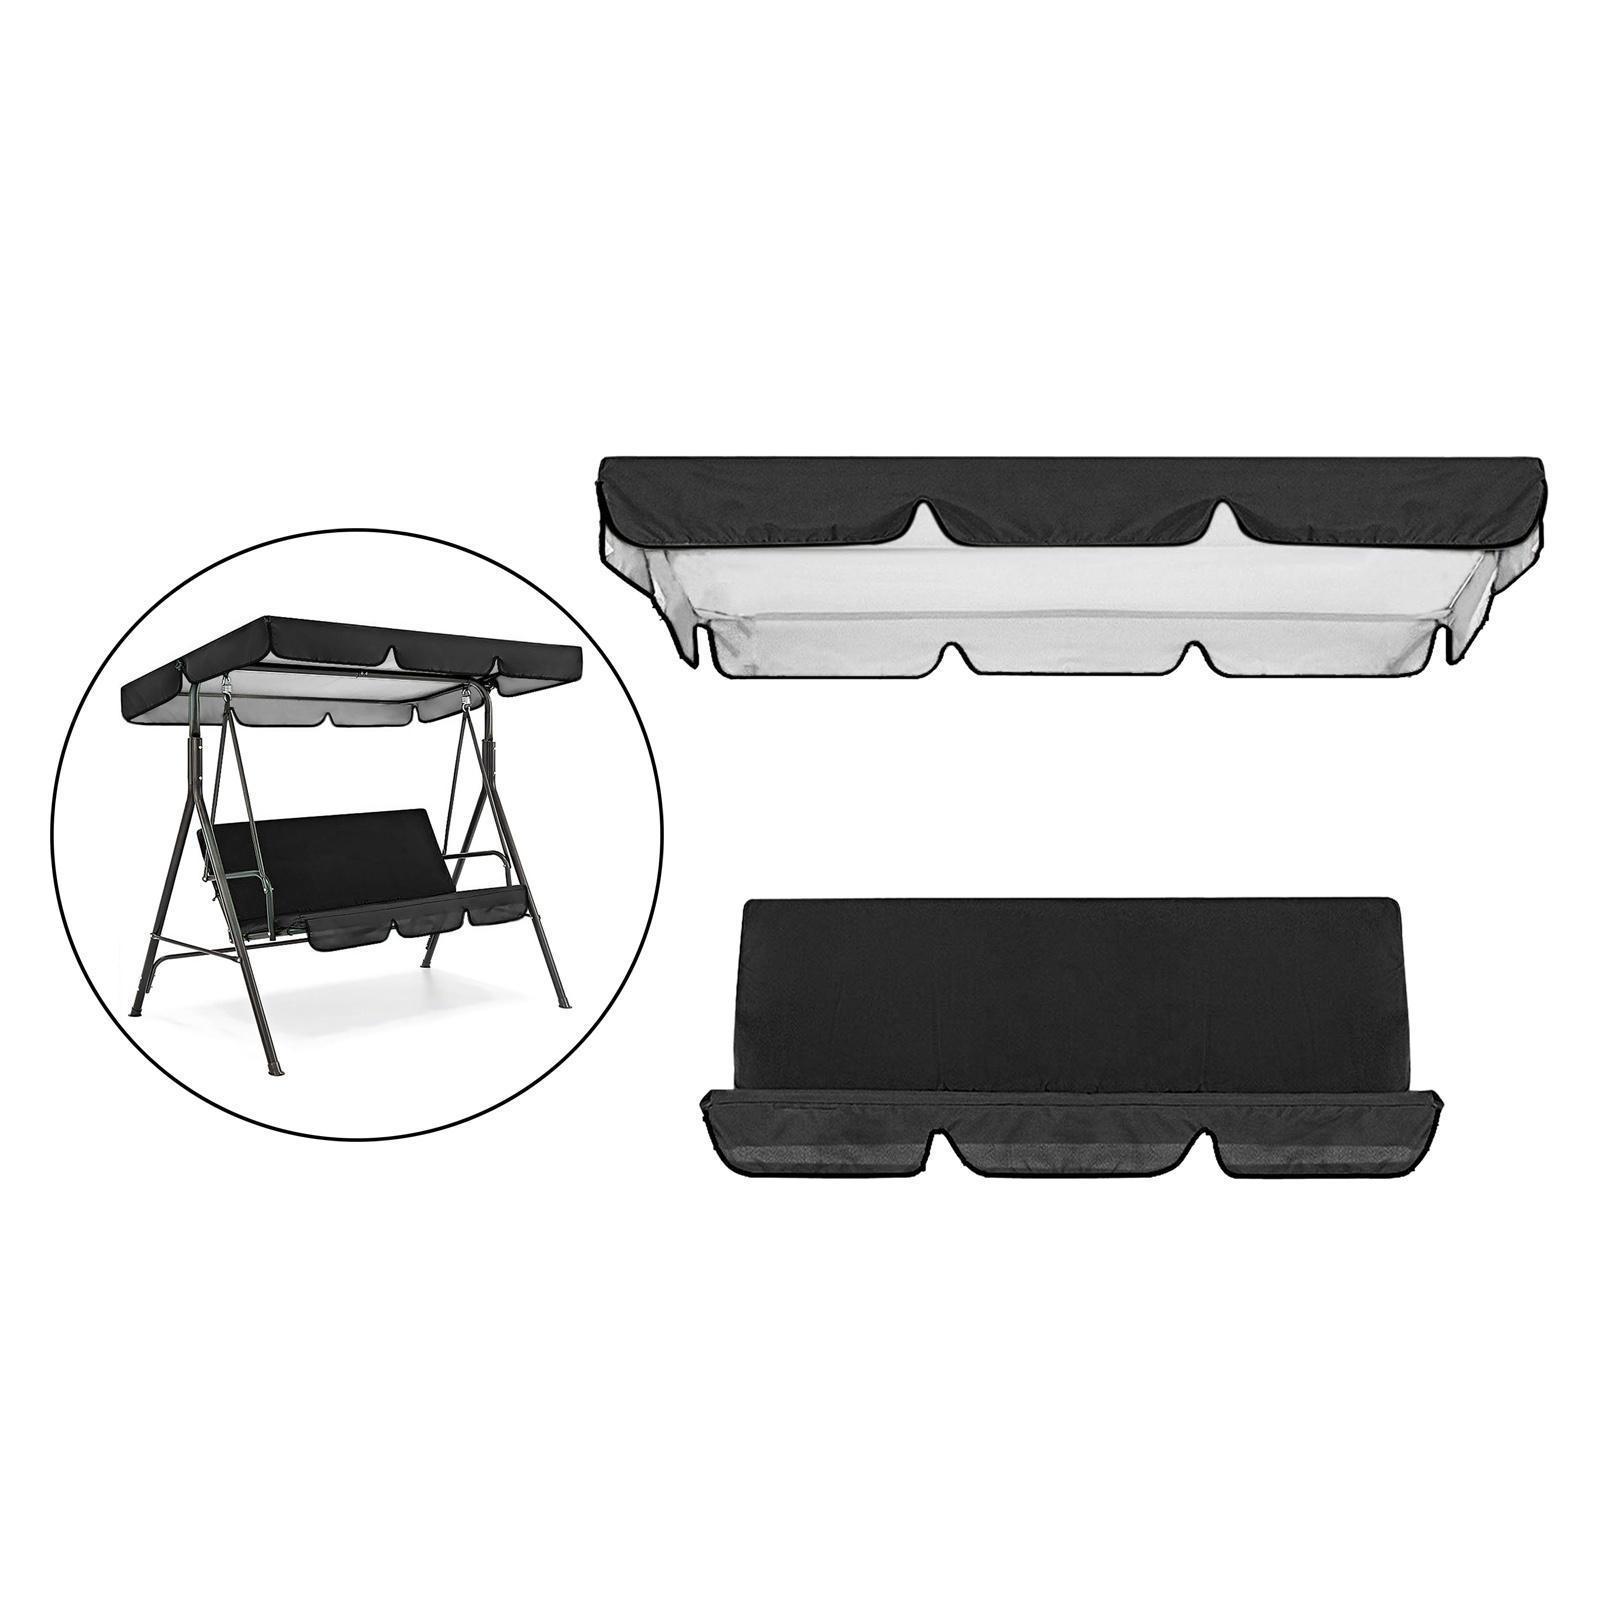 miniatura 51 - Sostituzione della copertura della sedia a dondolo da esterno per patio,